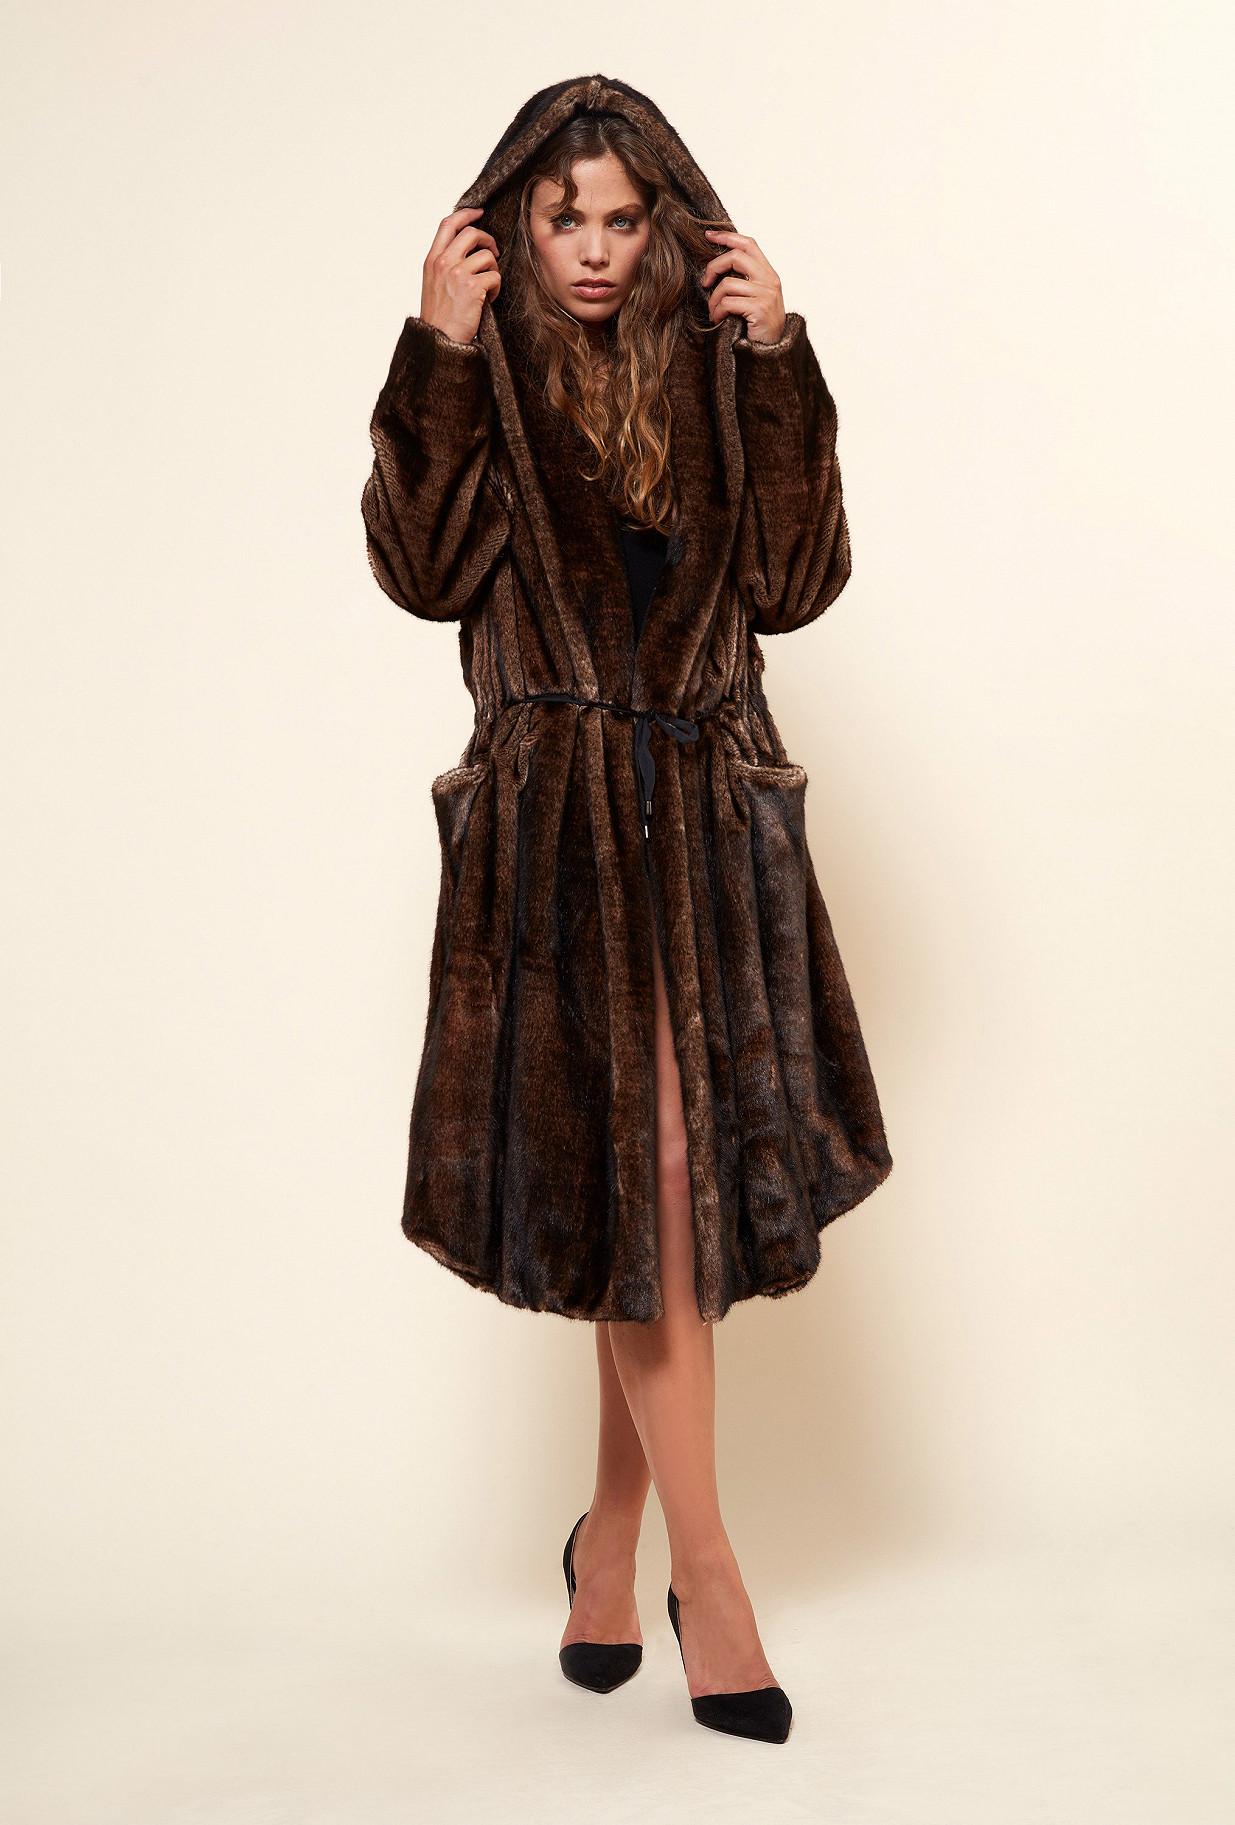 Paris boutique de mode vêtement MANTEAU créateur bohème  Mahogany